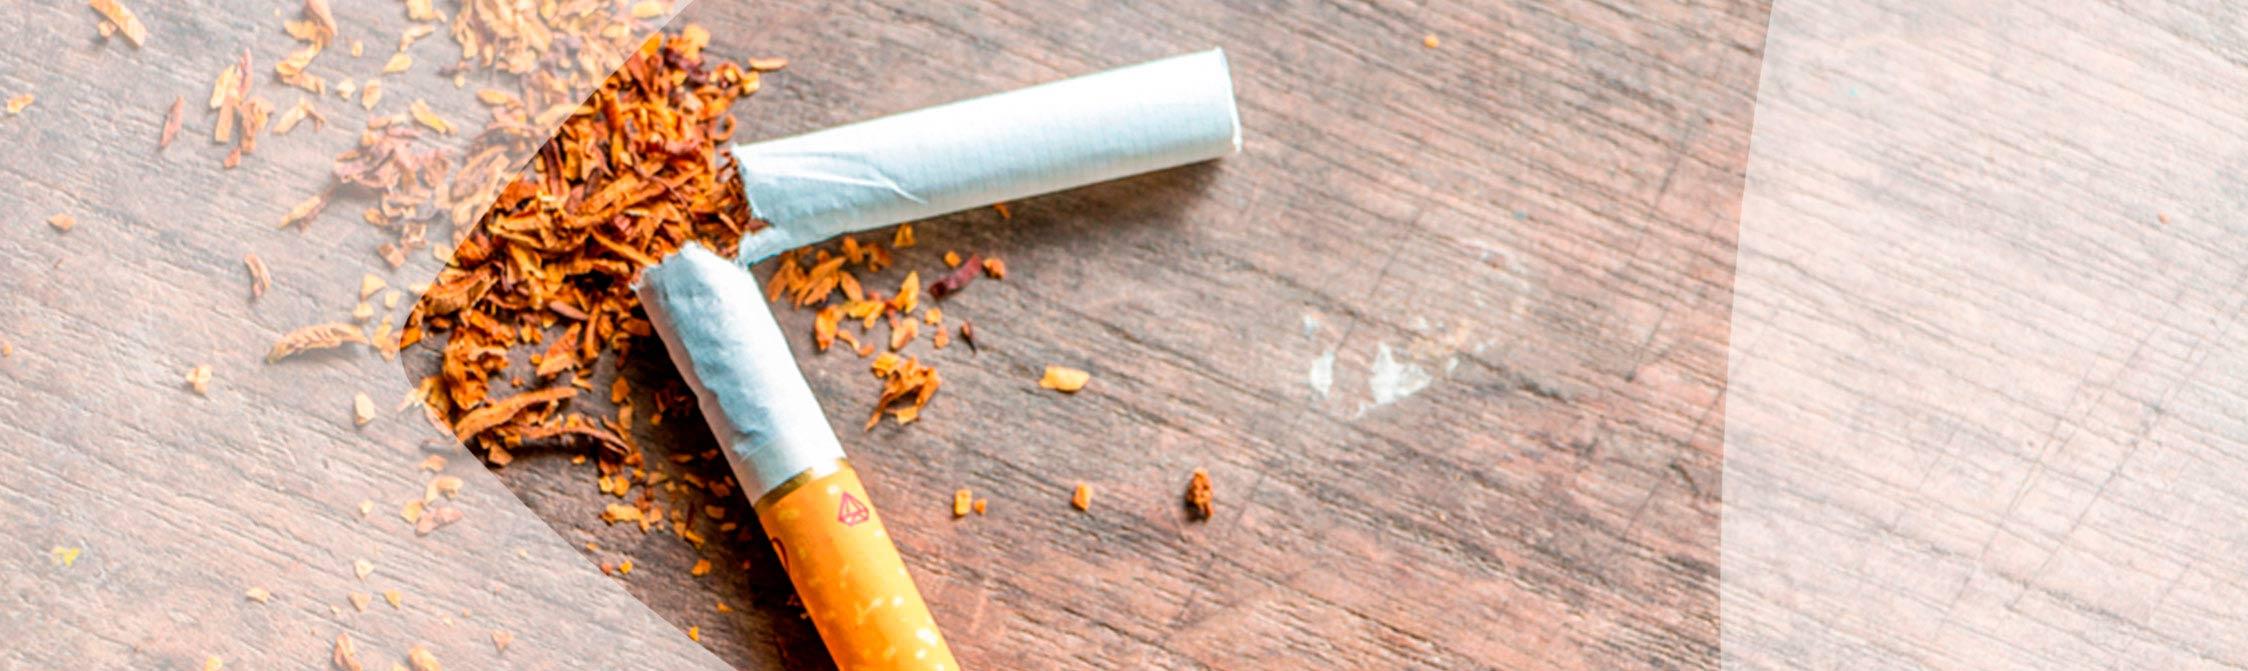 NOcotina stop sigarette Funziona? Recensione e Opinioni